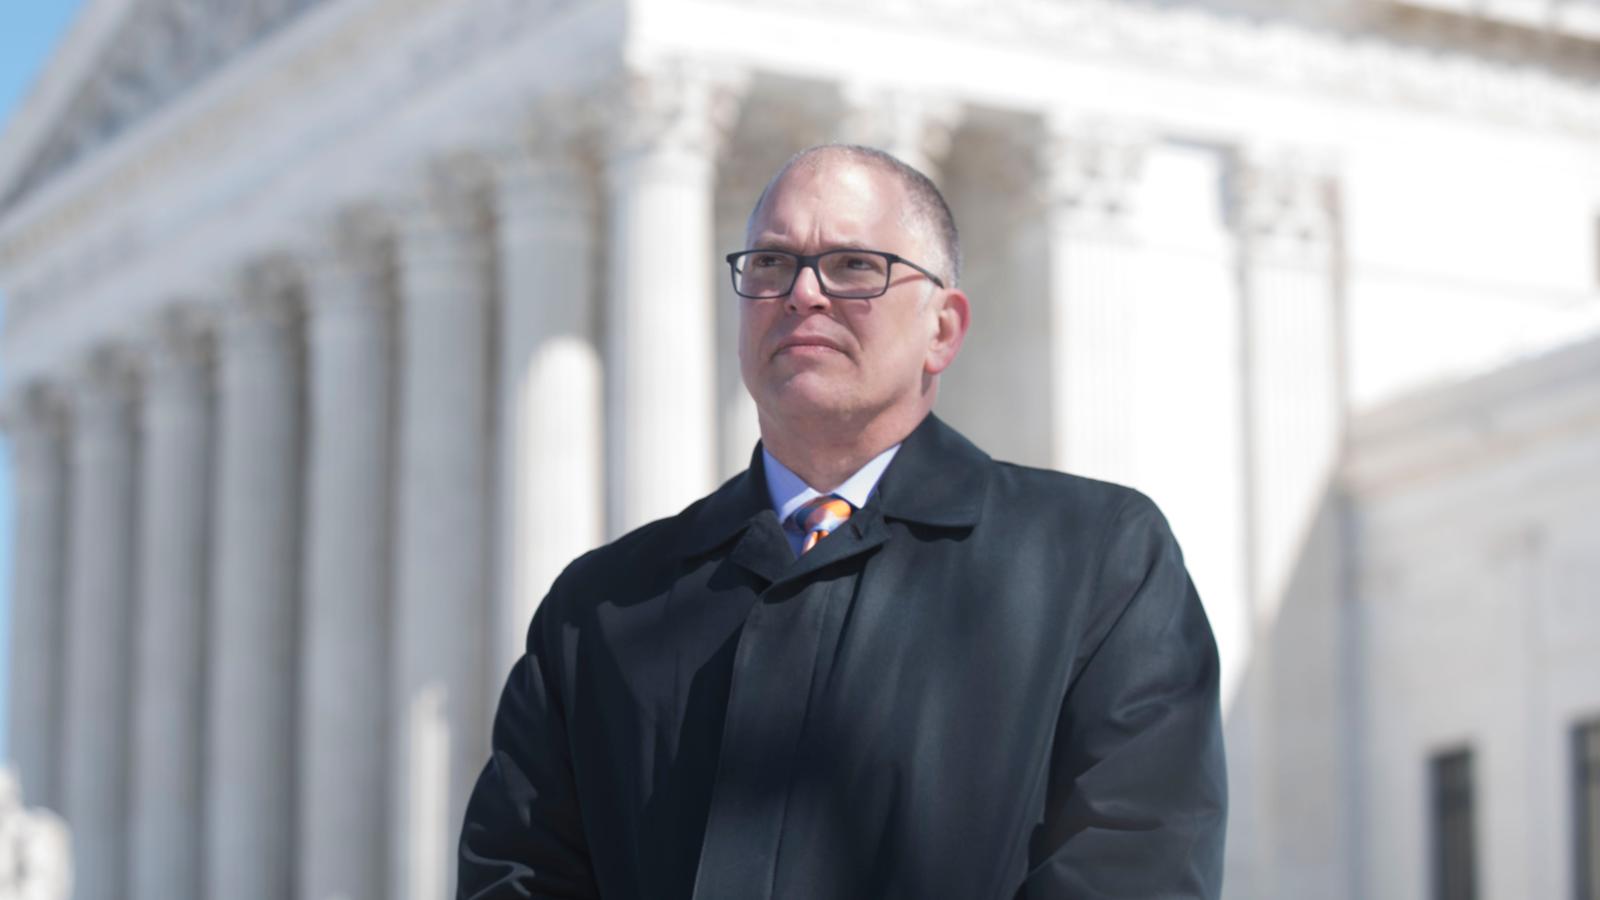 Jim Obergefell SCOTUS